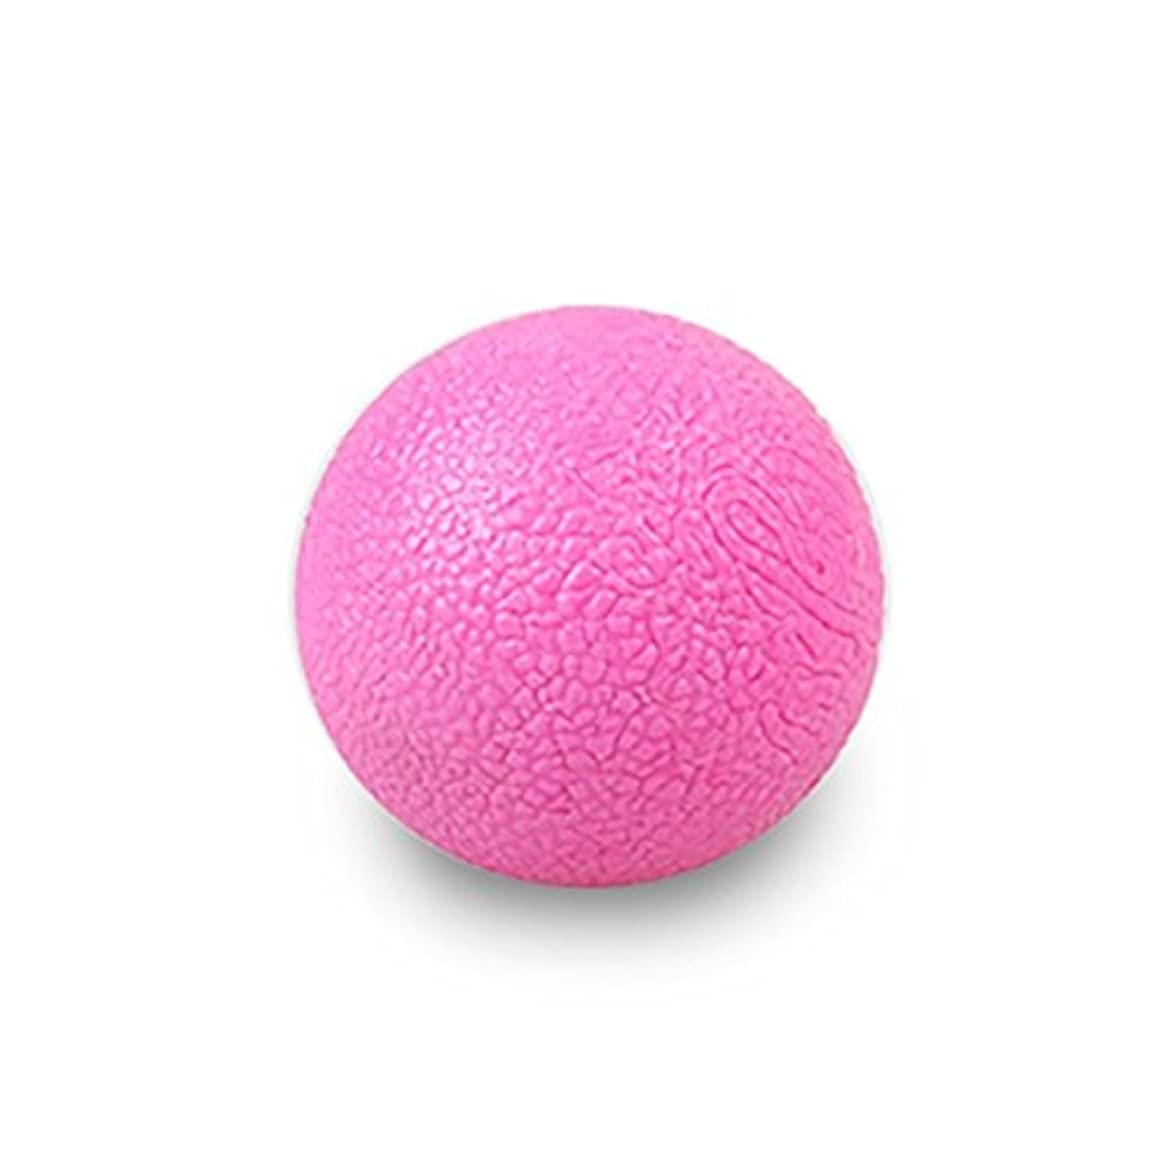 ロープエステートデンプシーSHAPE&UP UPnShape ピーナッツ マッサージ ボール(1.8インチ)/ストレッチ、ヨガ、フィットネス リハビリテーション腰痛首 (ブルー)